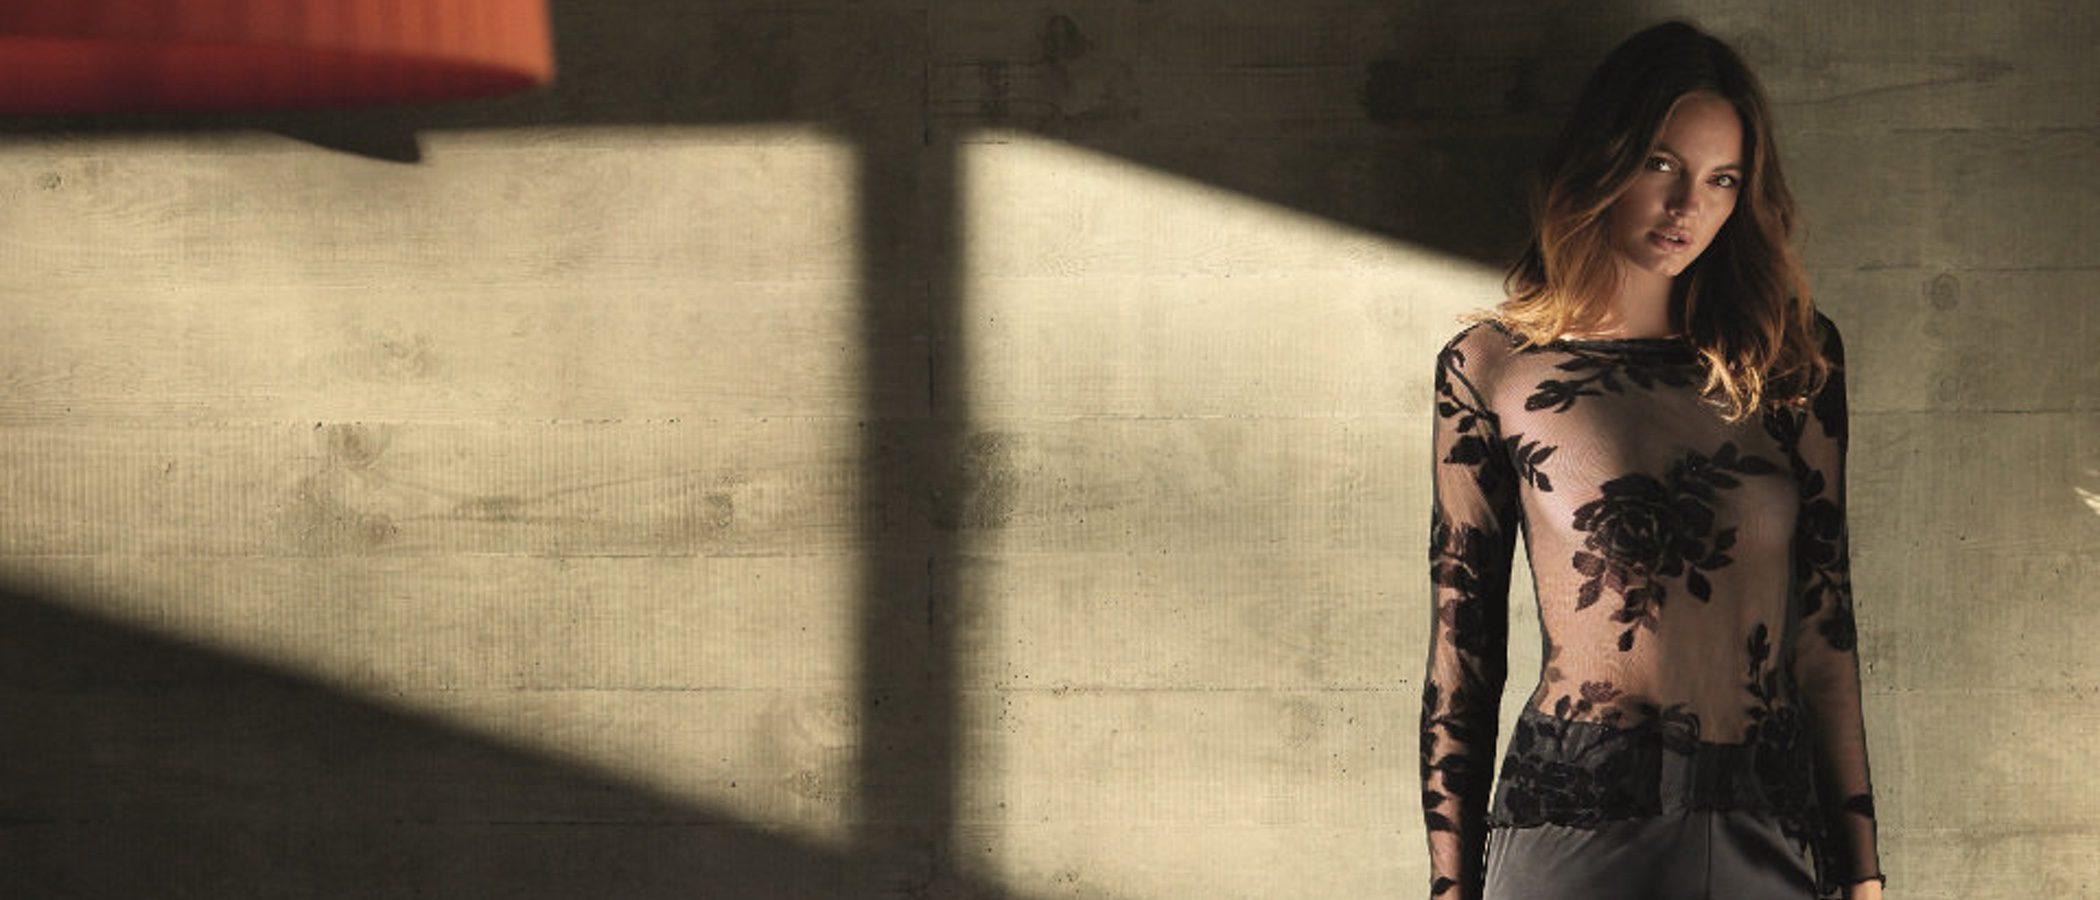 Camisones largos que recuerdan a trajes de noche en la colección 'Home lingerie' de Selmark